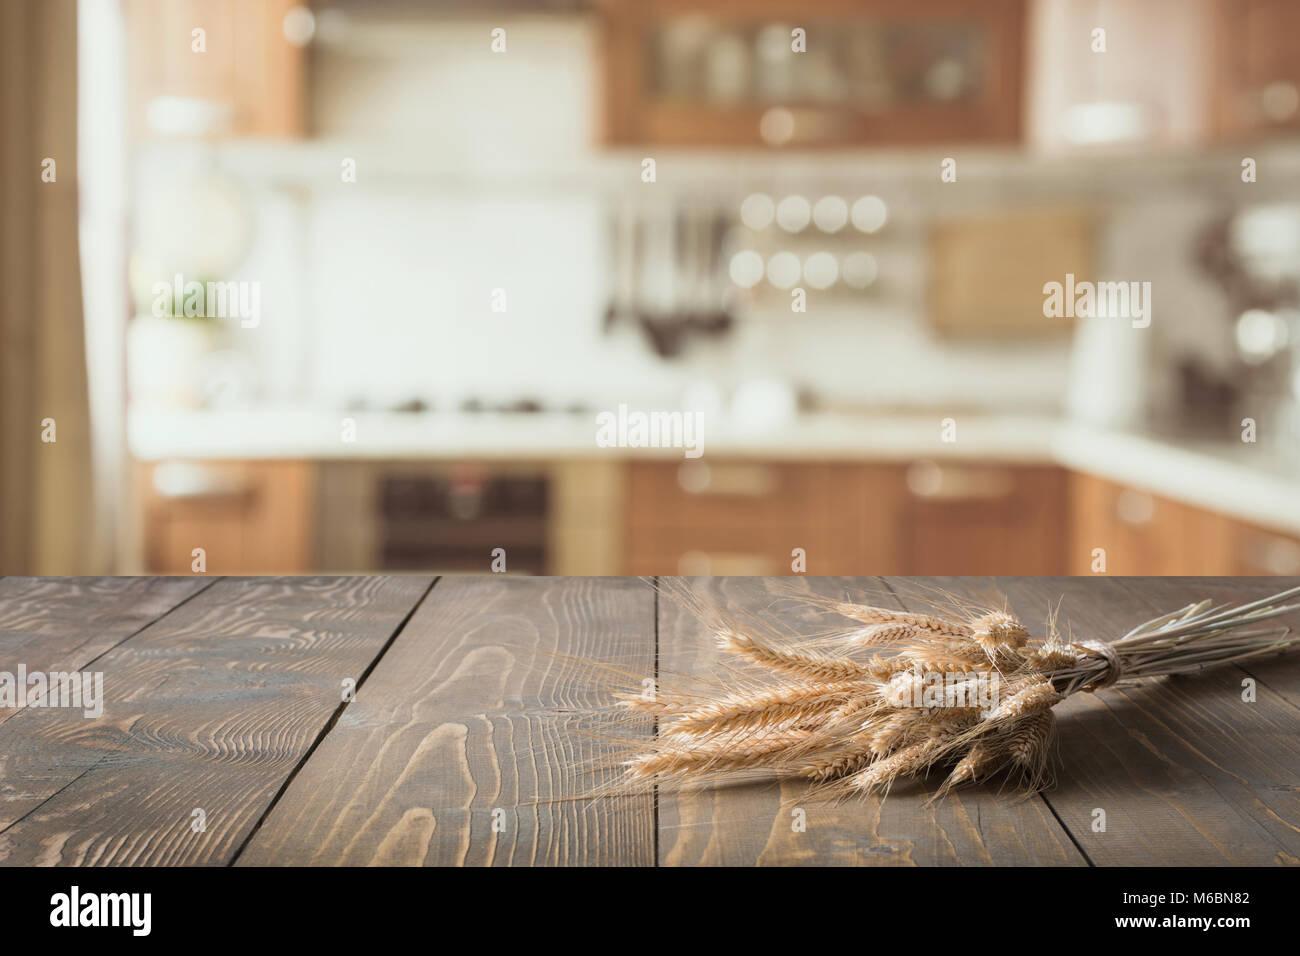 Zusammenfassung Hintergrund verschwommen. Moderne Küche mit ...